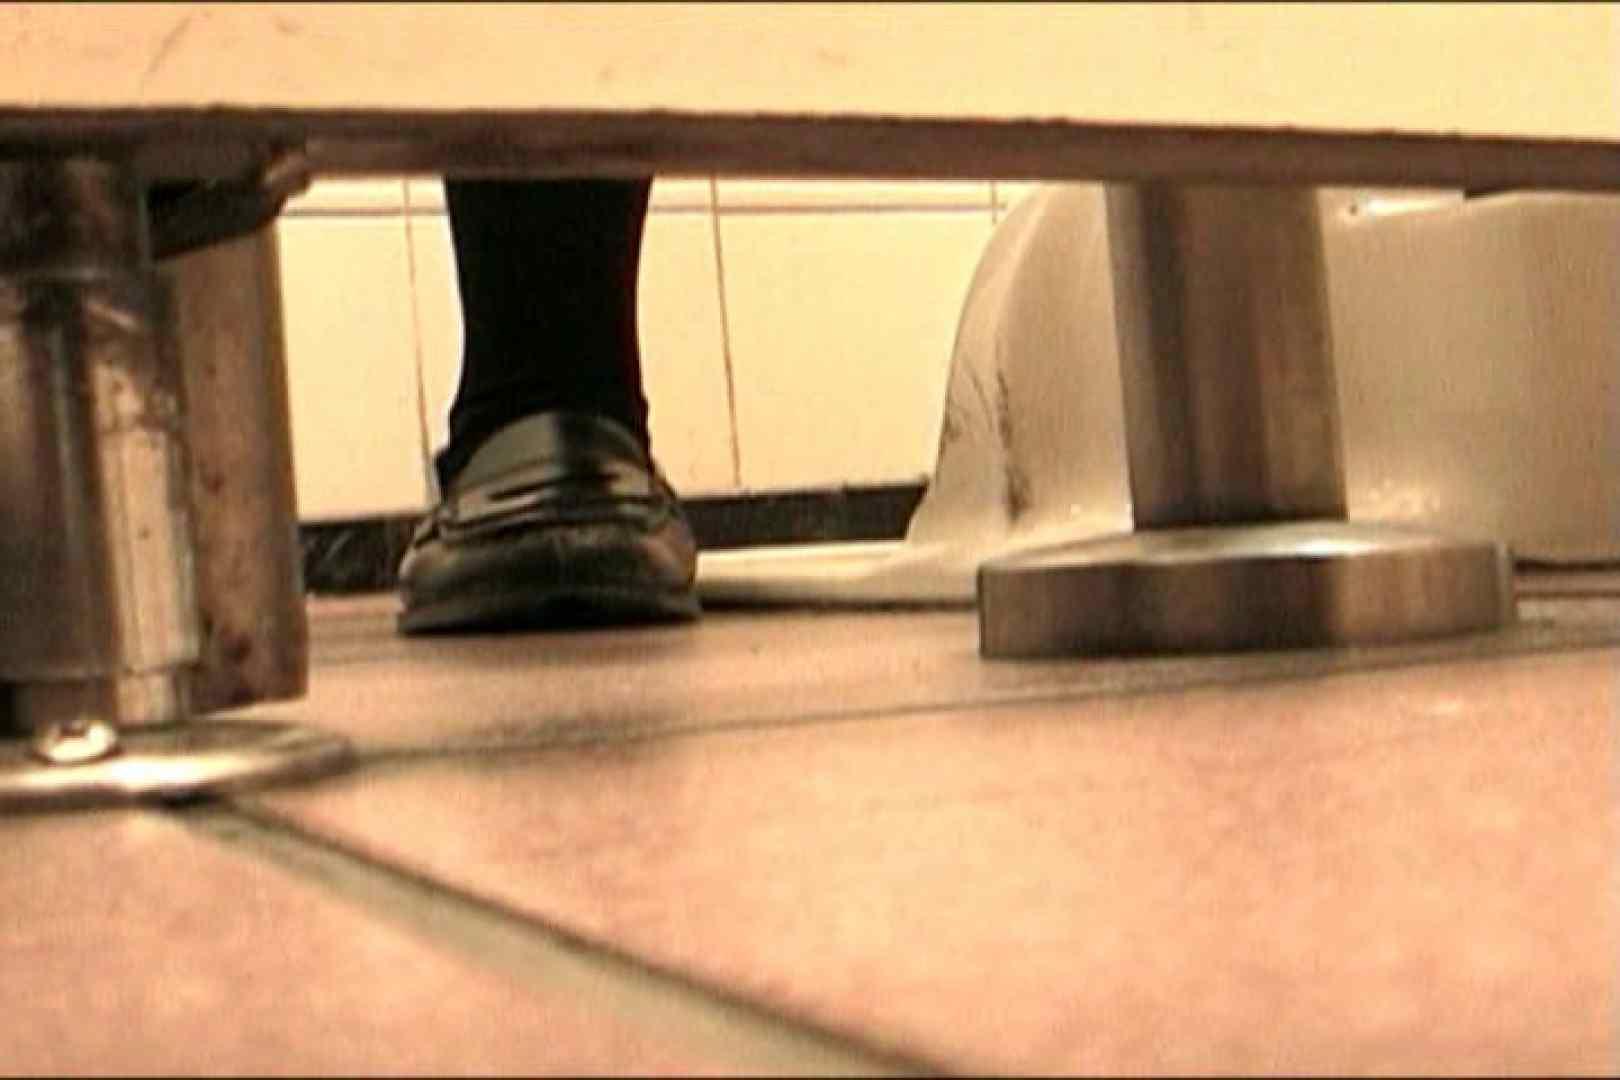 マンコ丸見え女子洗面所Vol.5 洗面所 のぞきエロ無料画像 21PICs 10